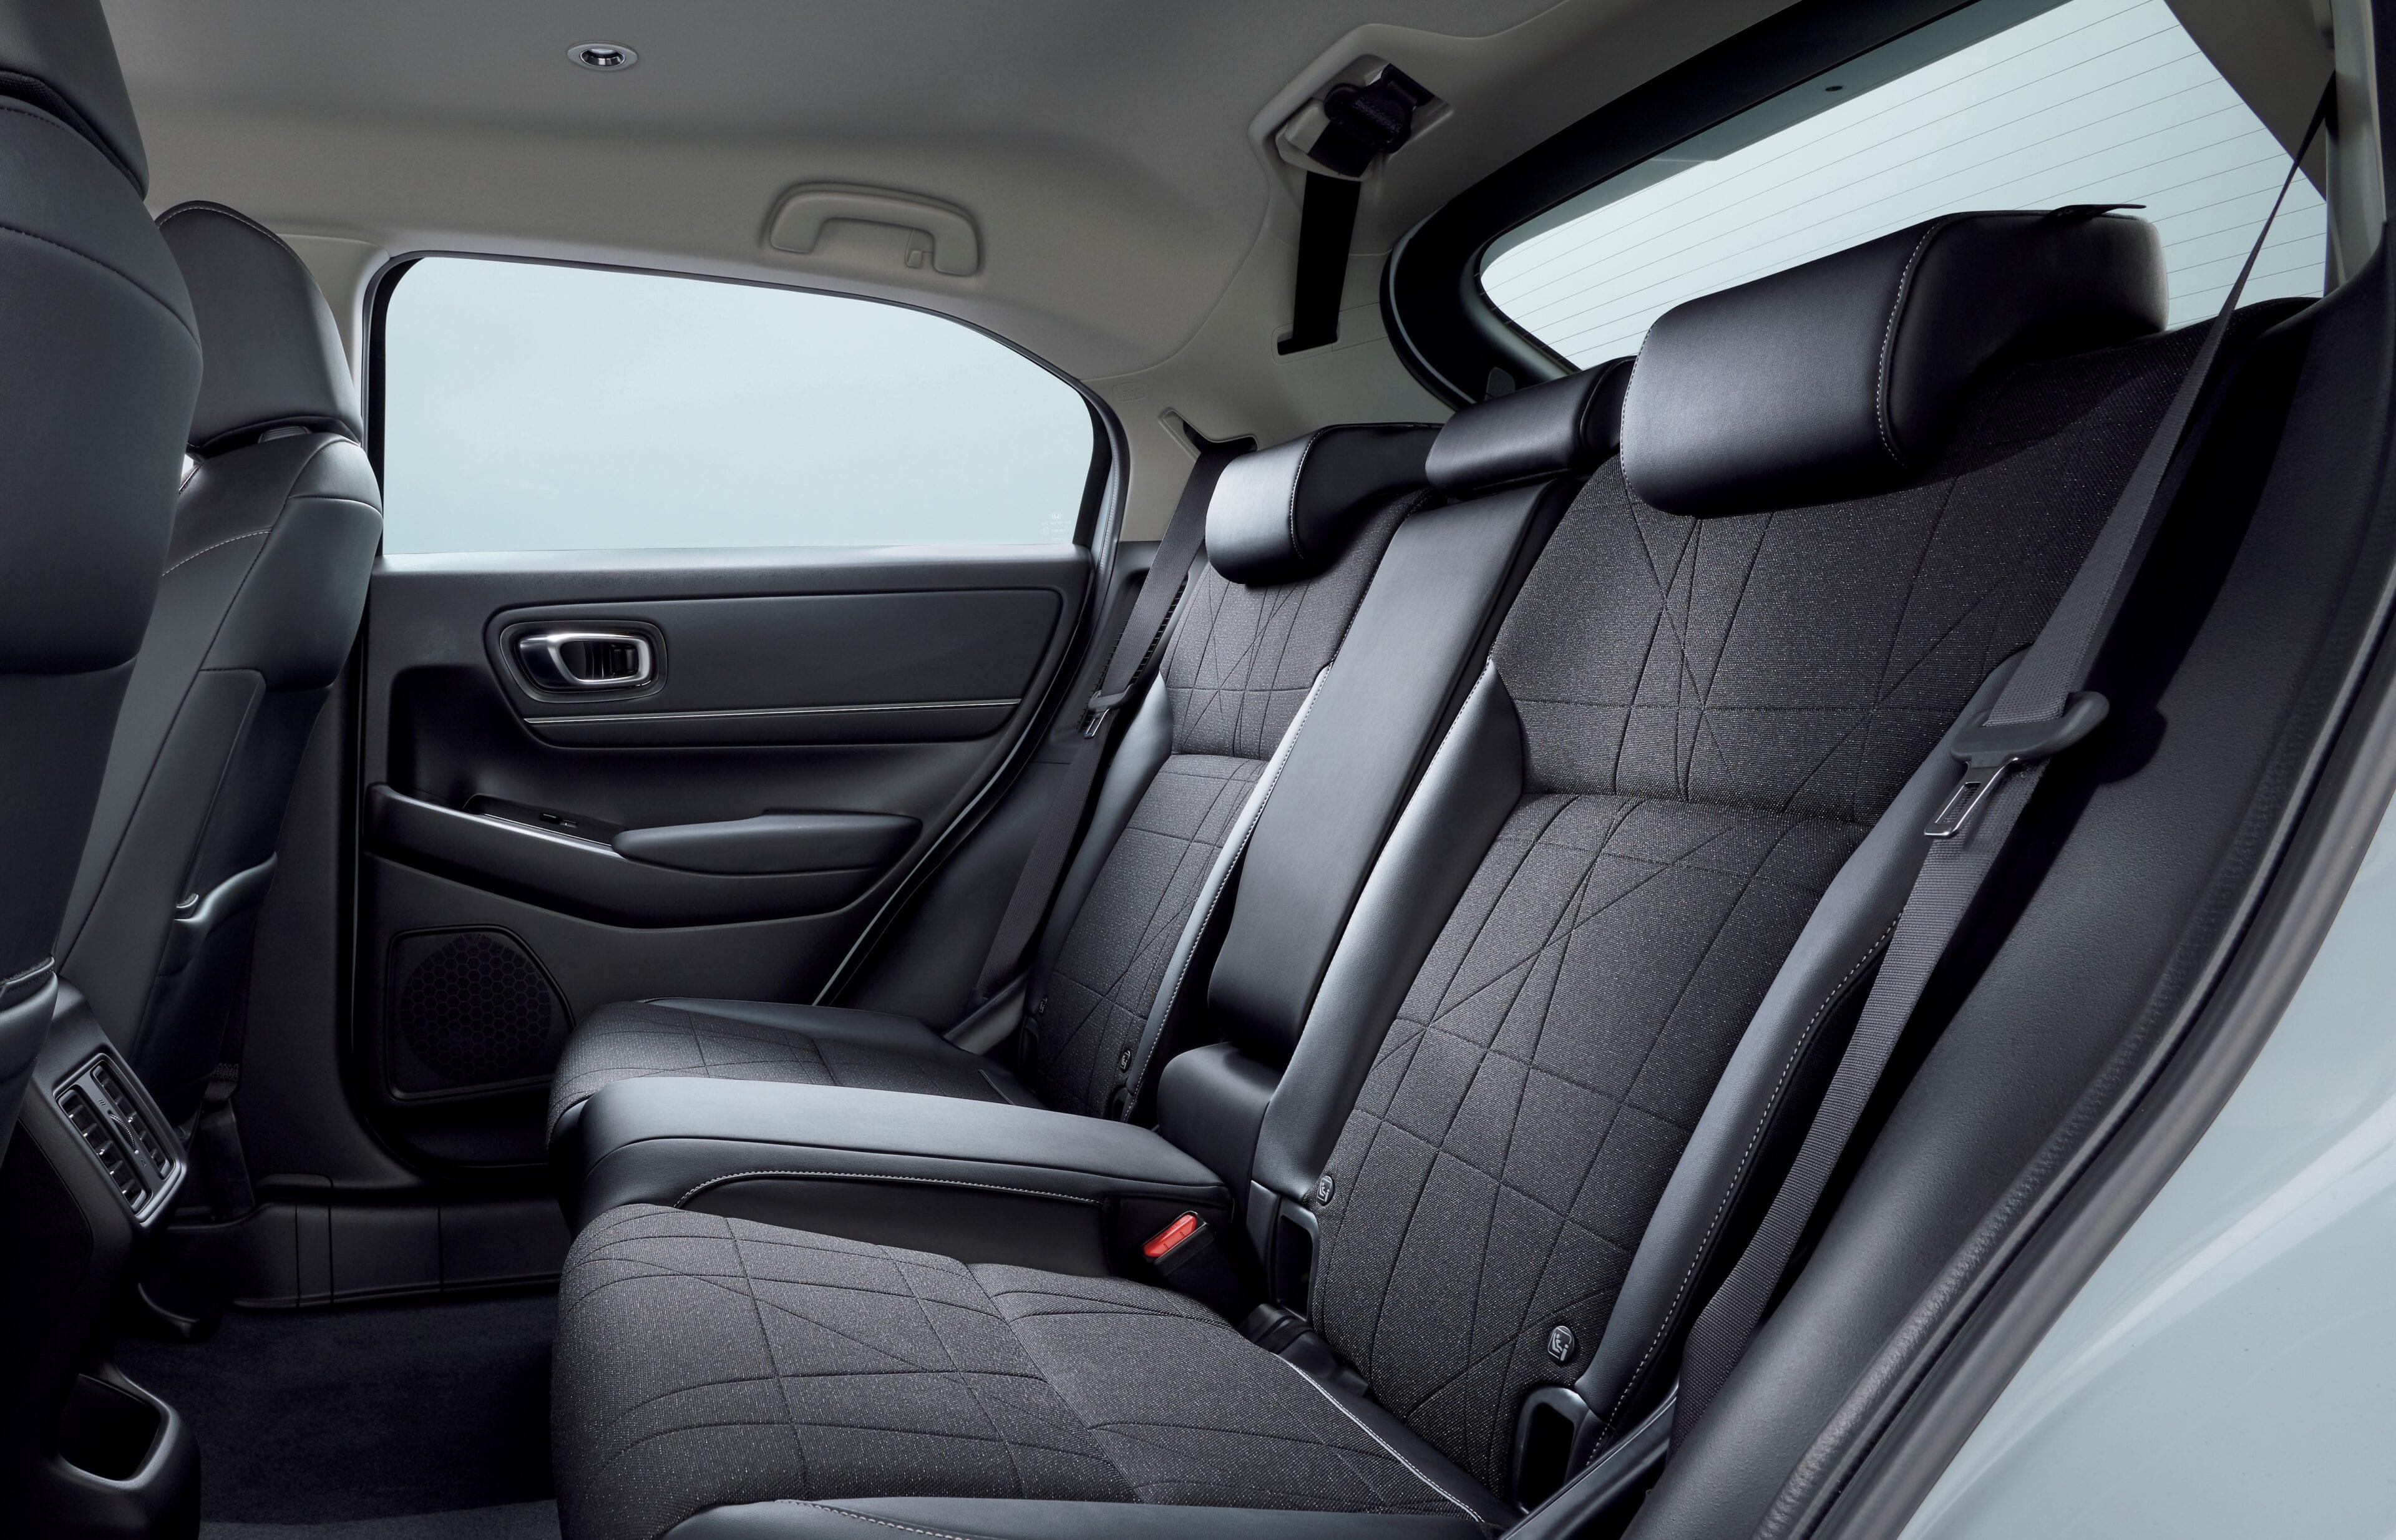 De HR-V is uitgerust met veelzijdige Magic Seats met unieke, flexibele opbergmogelijkheden. Deze SUV in coupéstijl biedt daardoor voldoende laadruimte en plaats om heerlijk te ontspannen.